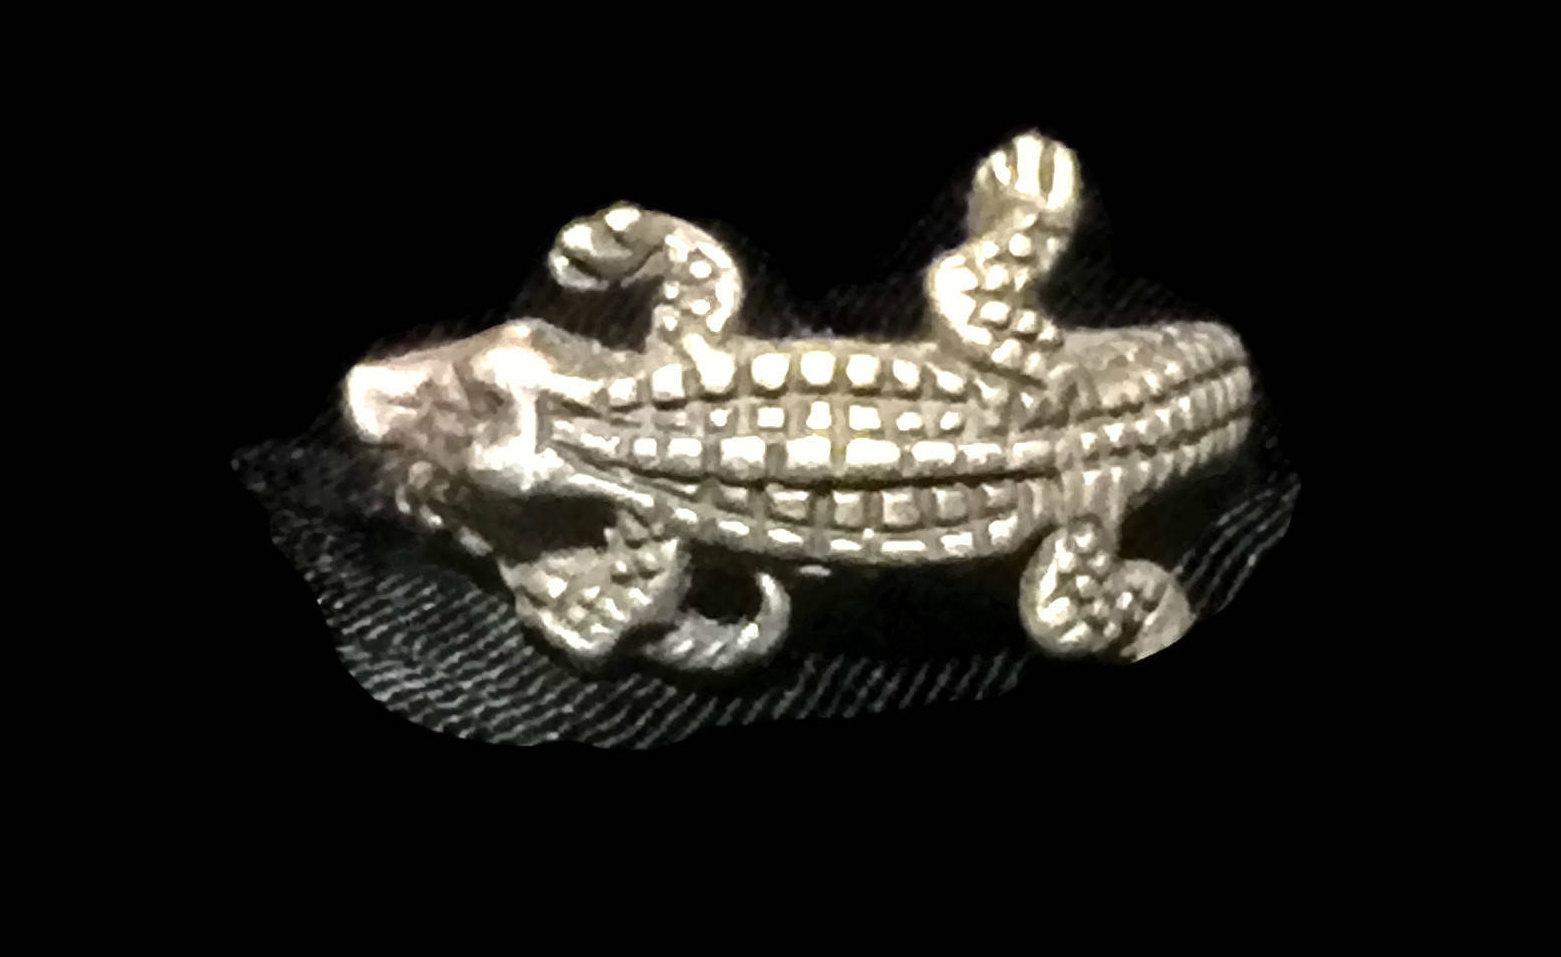 Vintage Alligator Crocodile Sterling Silver Handmade Ring Size 7.50